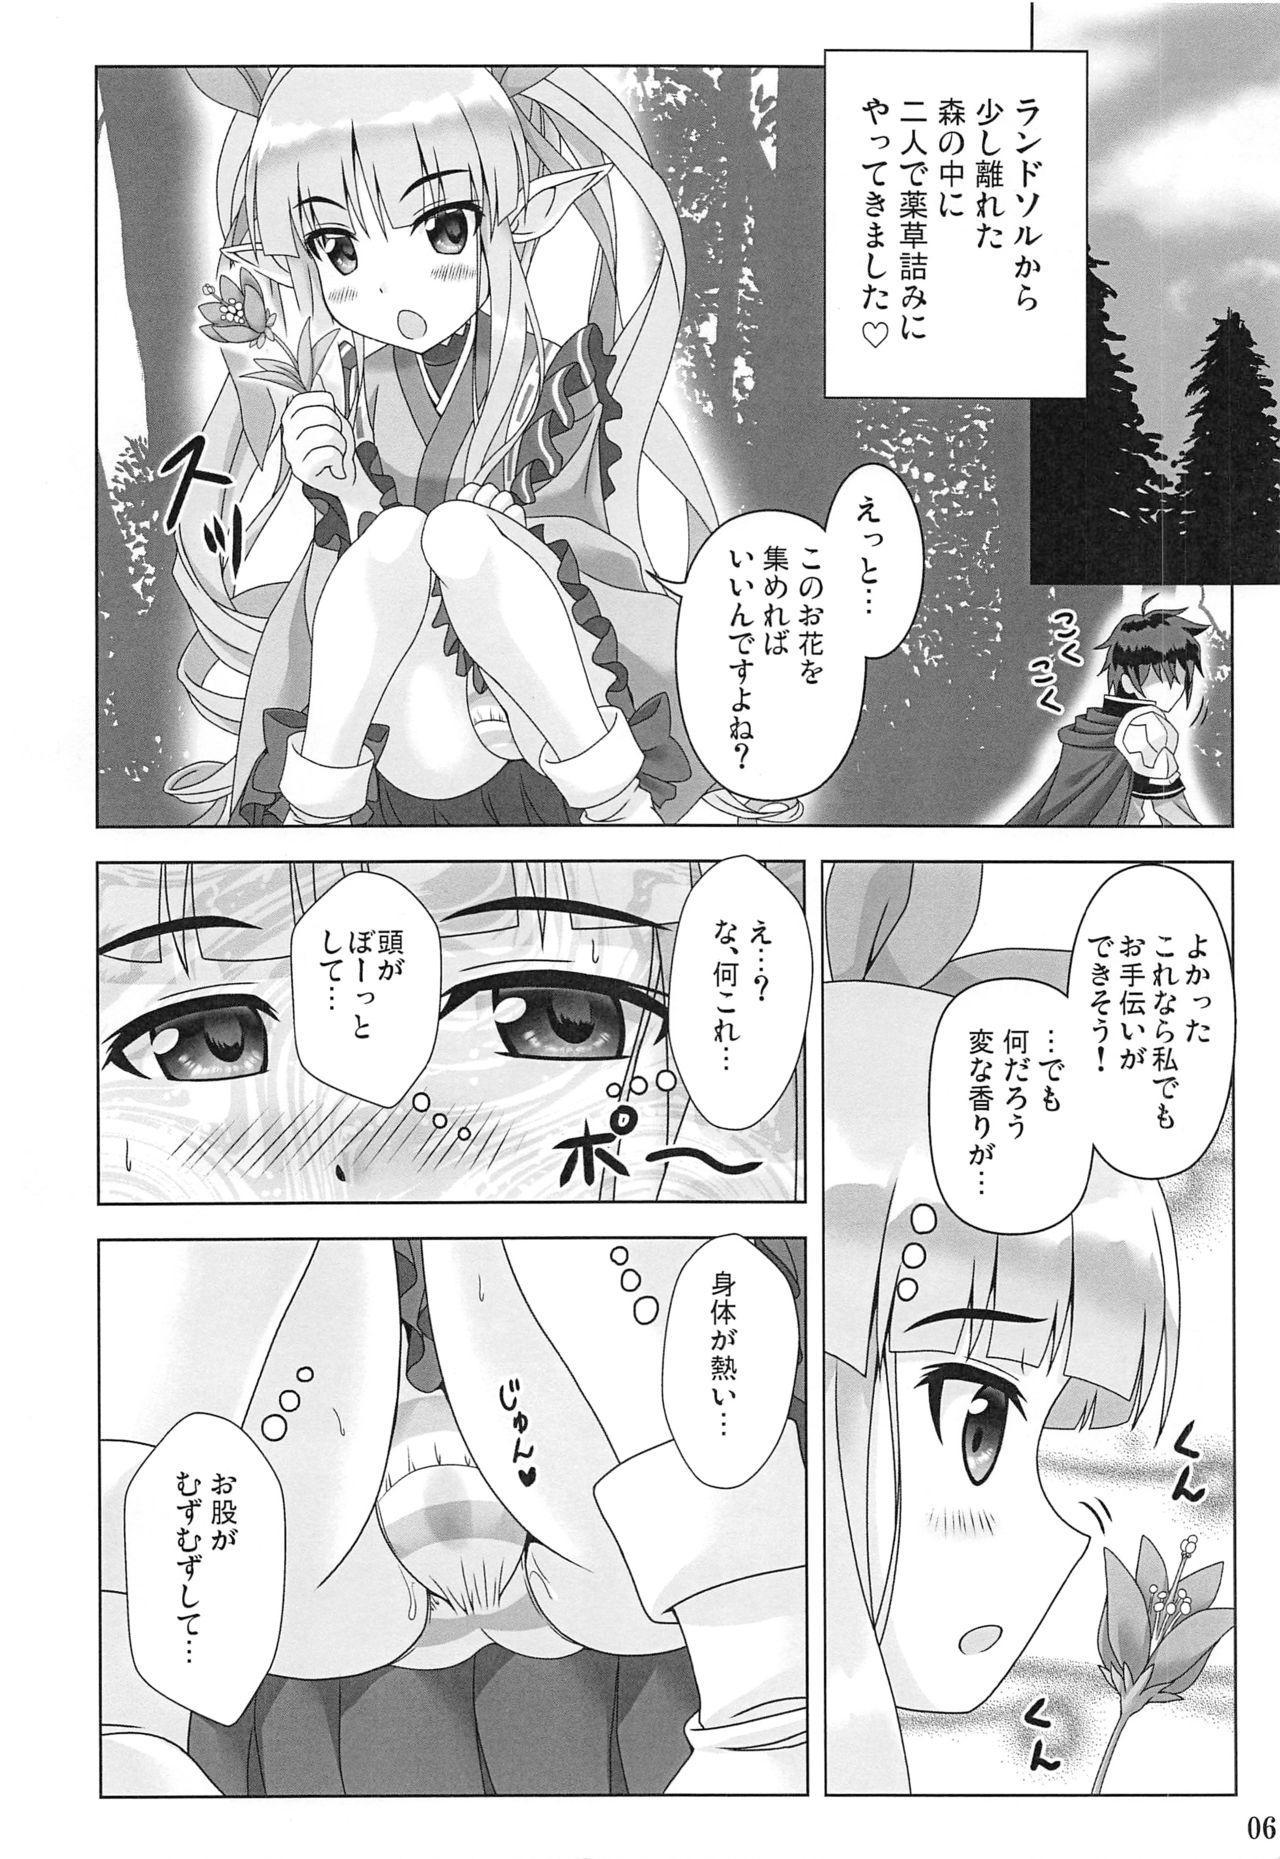 Watashi no Hentai Fushinsha-san 4